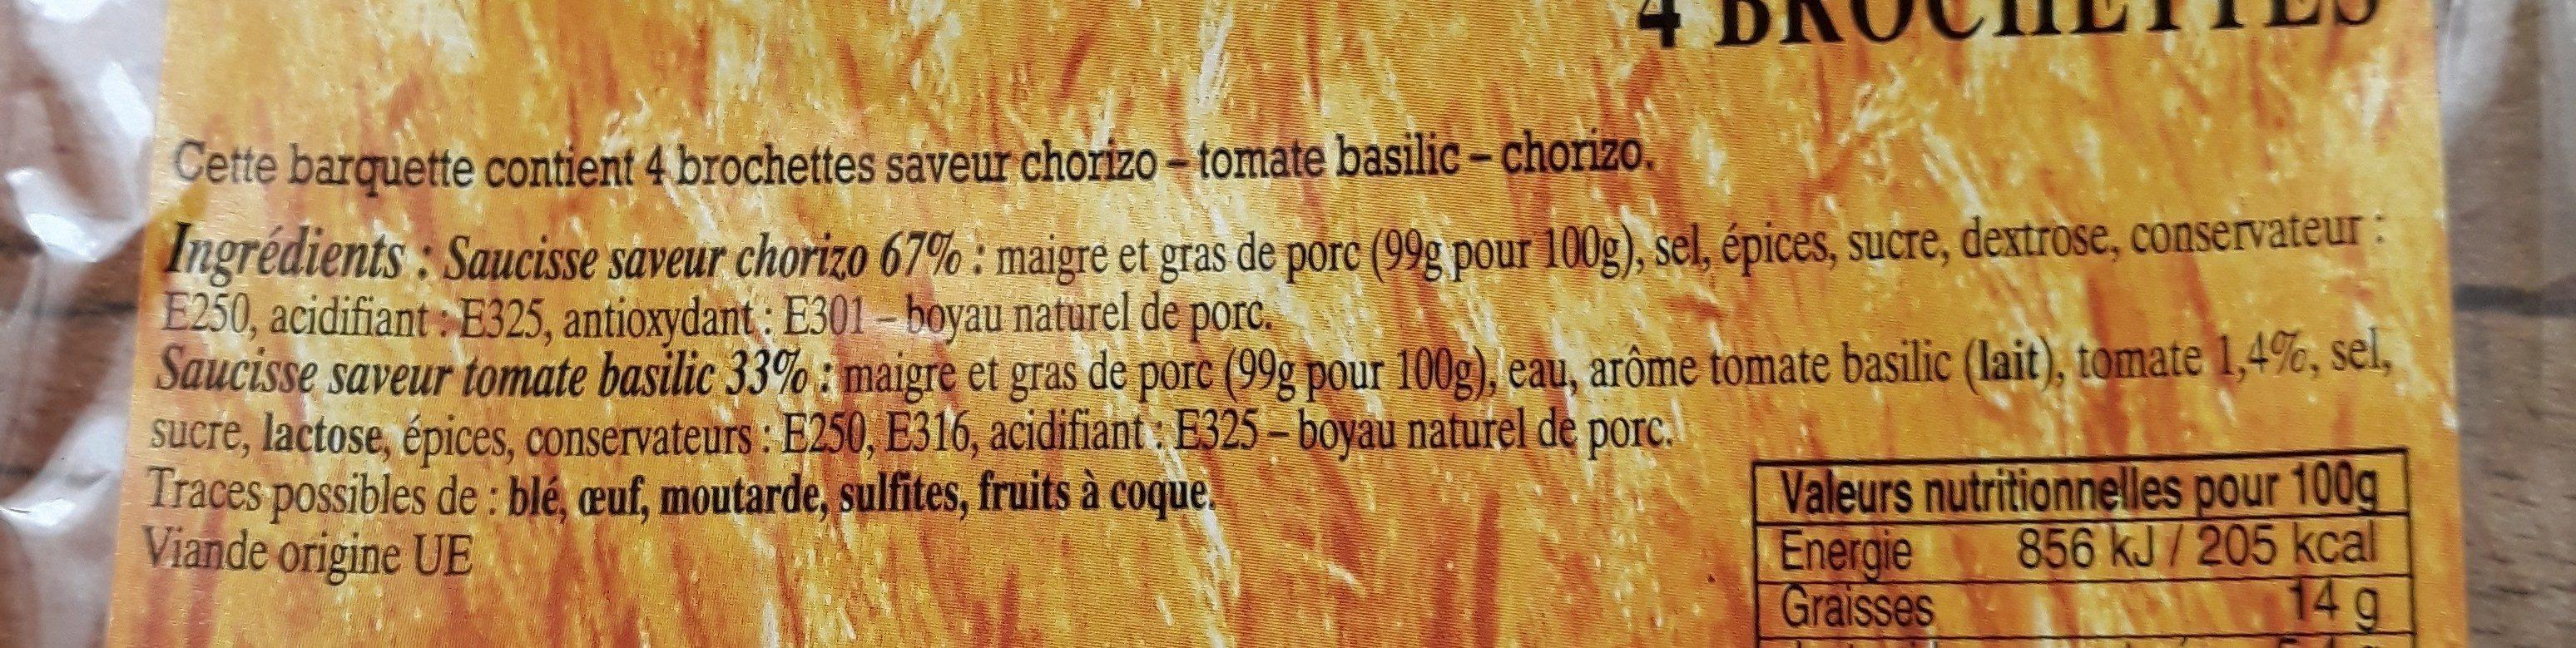 Brochettes saveurs du sud - Ingrédients - fr